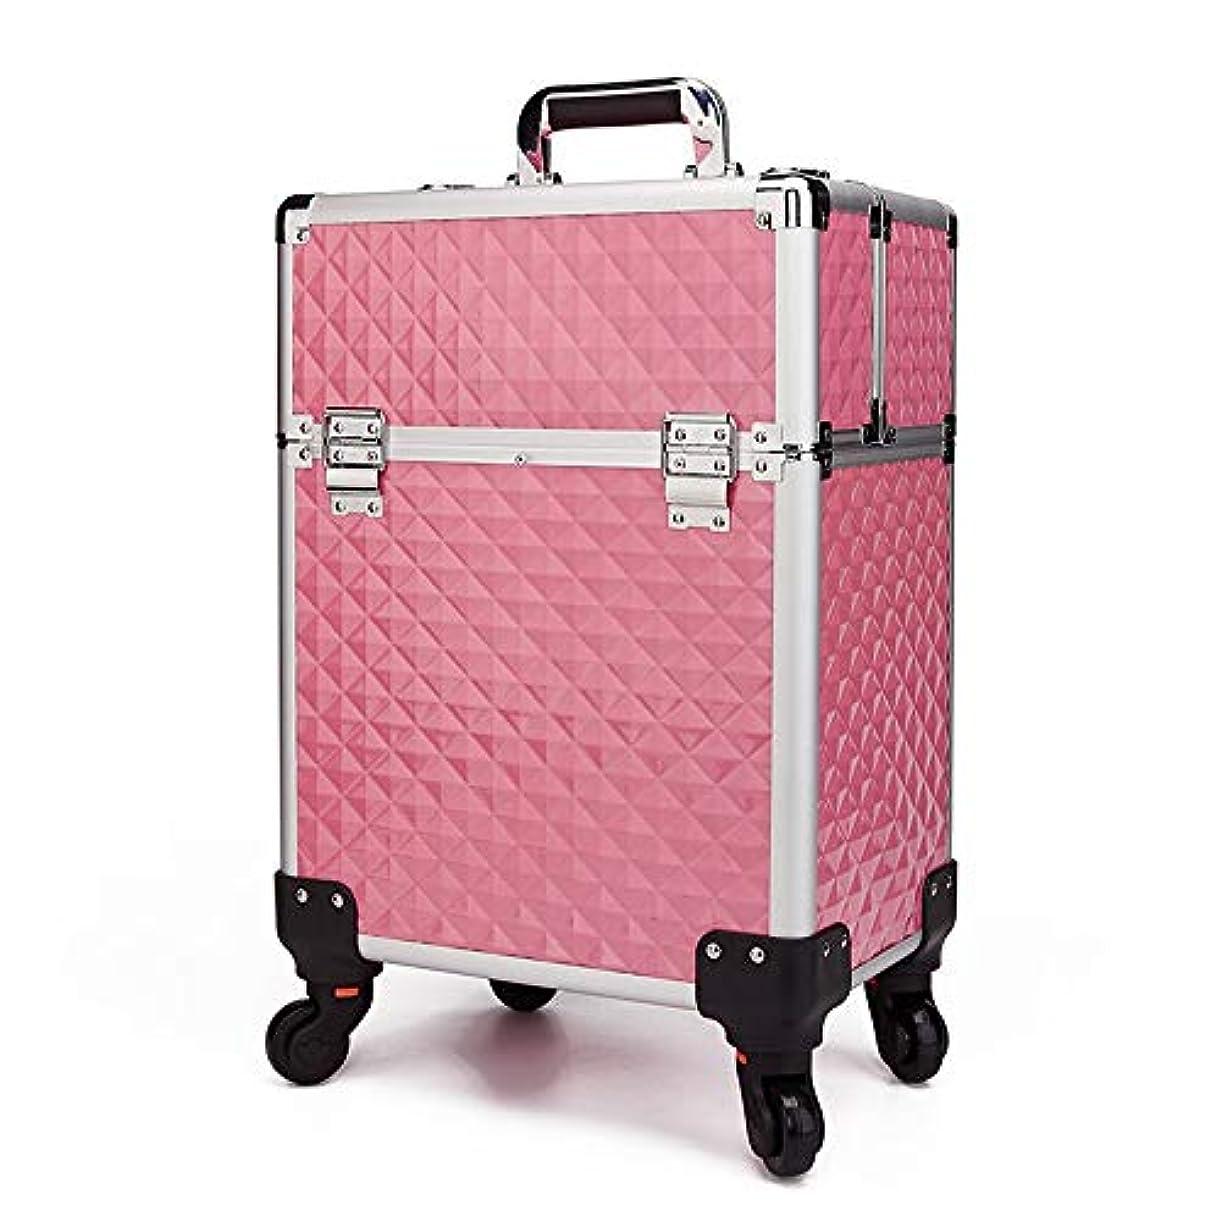 ベーシック没頭する衝突する化粧オーガナイザーバッグ 360度ホイール3イン1プロフェッショナルアルミアーティストローリングトロリーメイクトレインケース化粧品オーガナイザー収納ボックス用ティーンガールズ女性アーティスト 化粧品ケース (色 : ピンク)